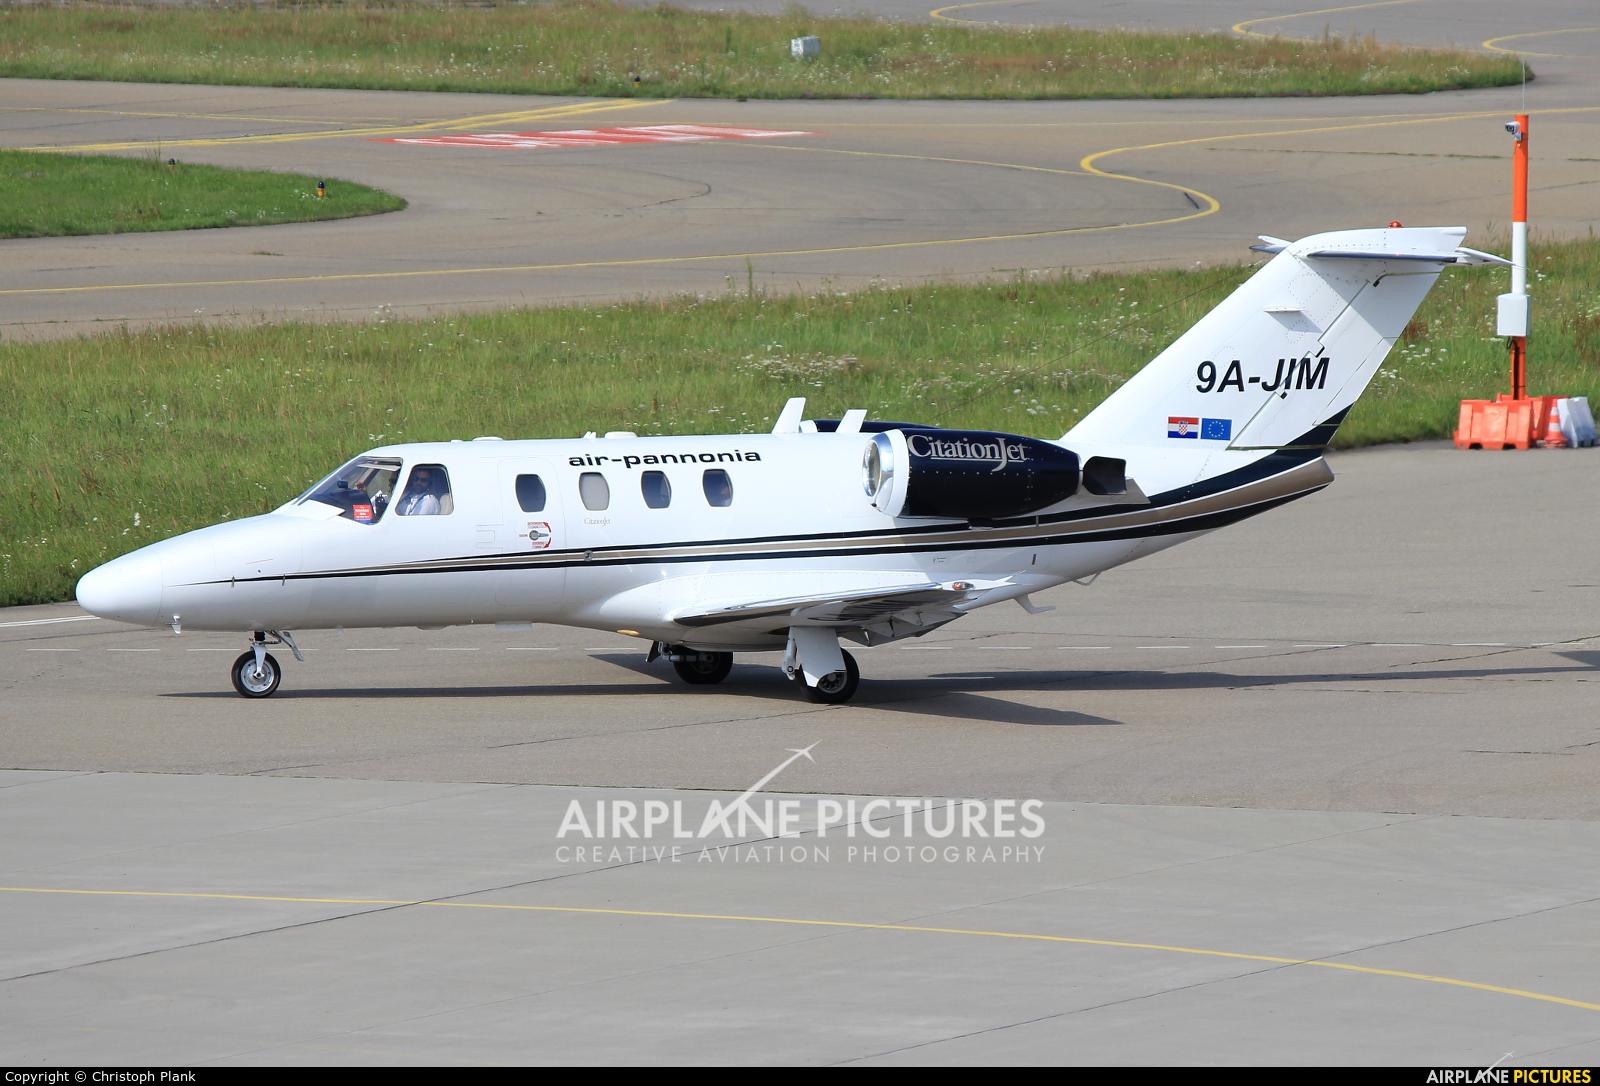 Air Pannonia 9A-JIM aircraft at Friedrichshafen